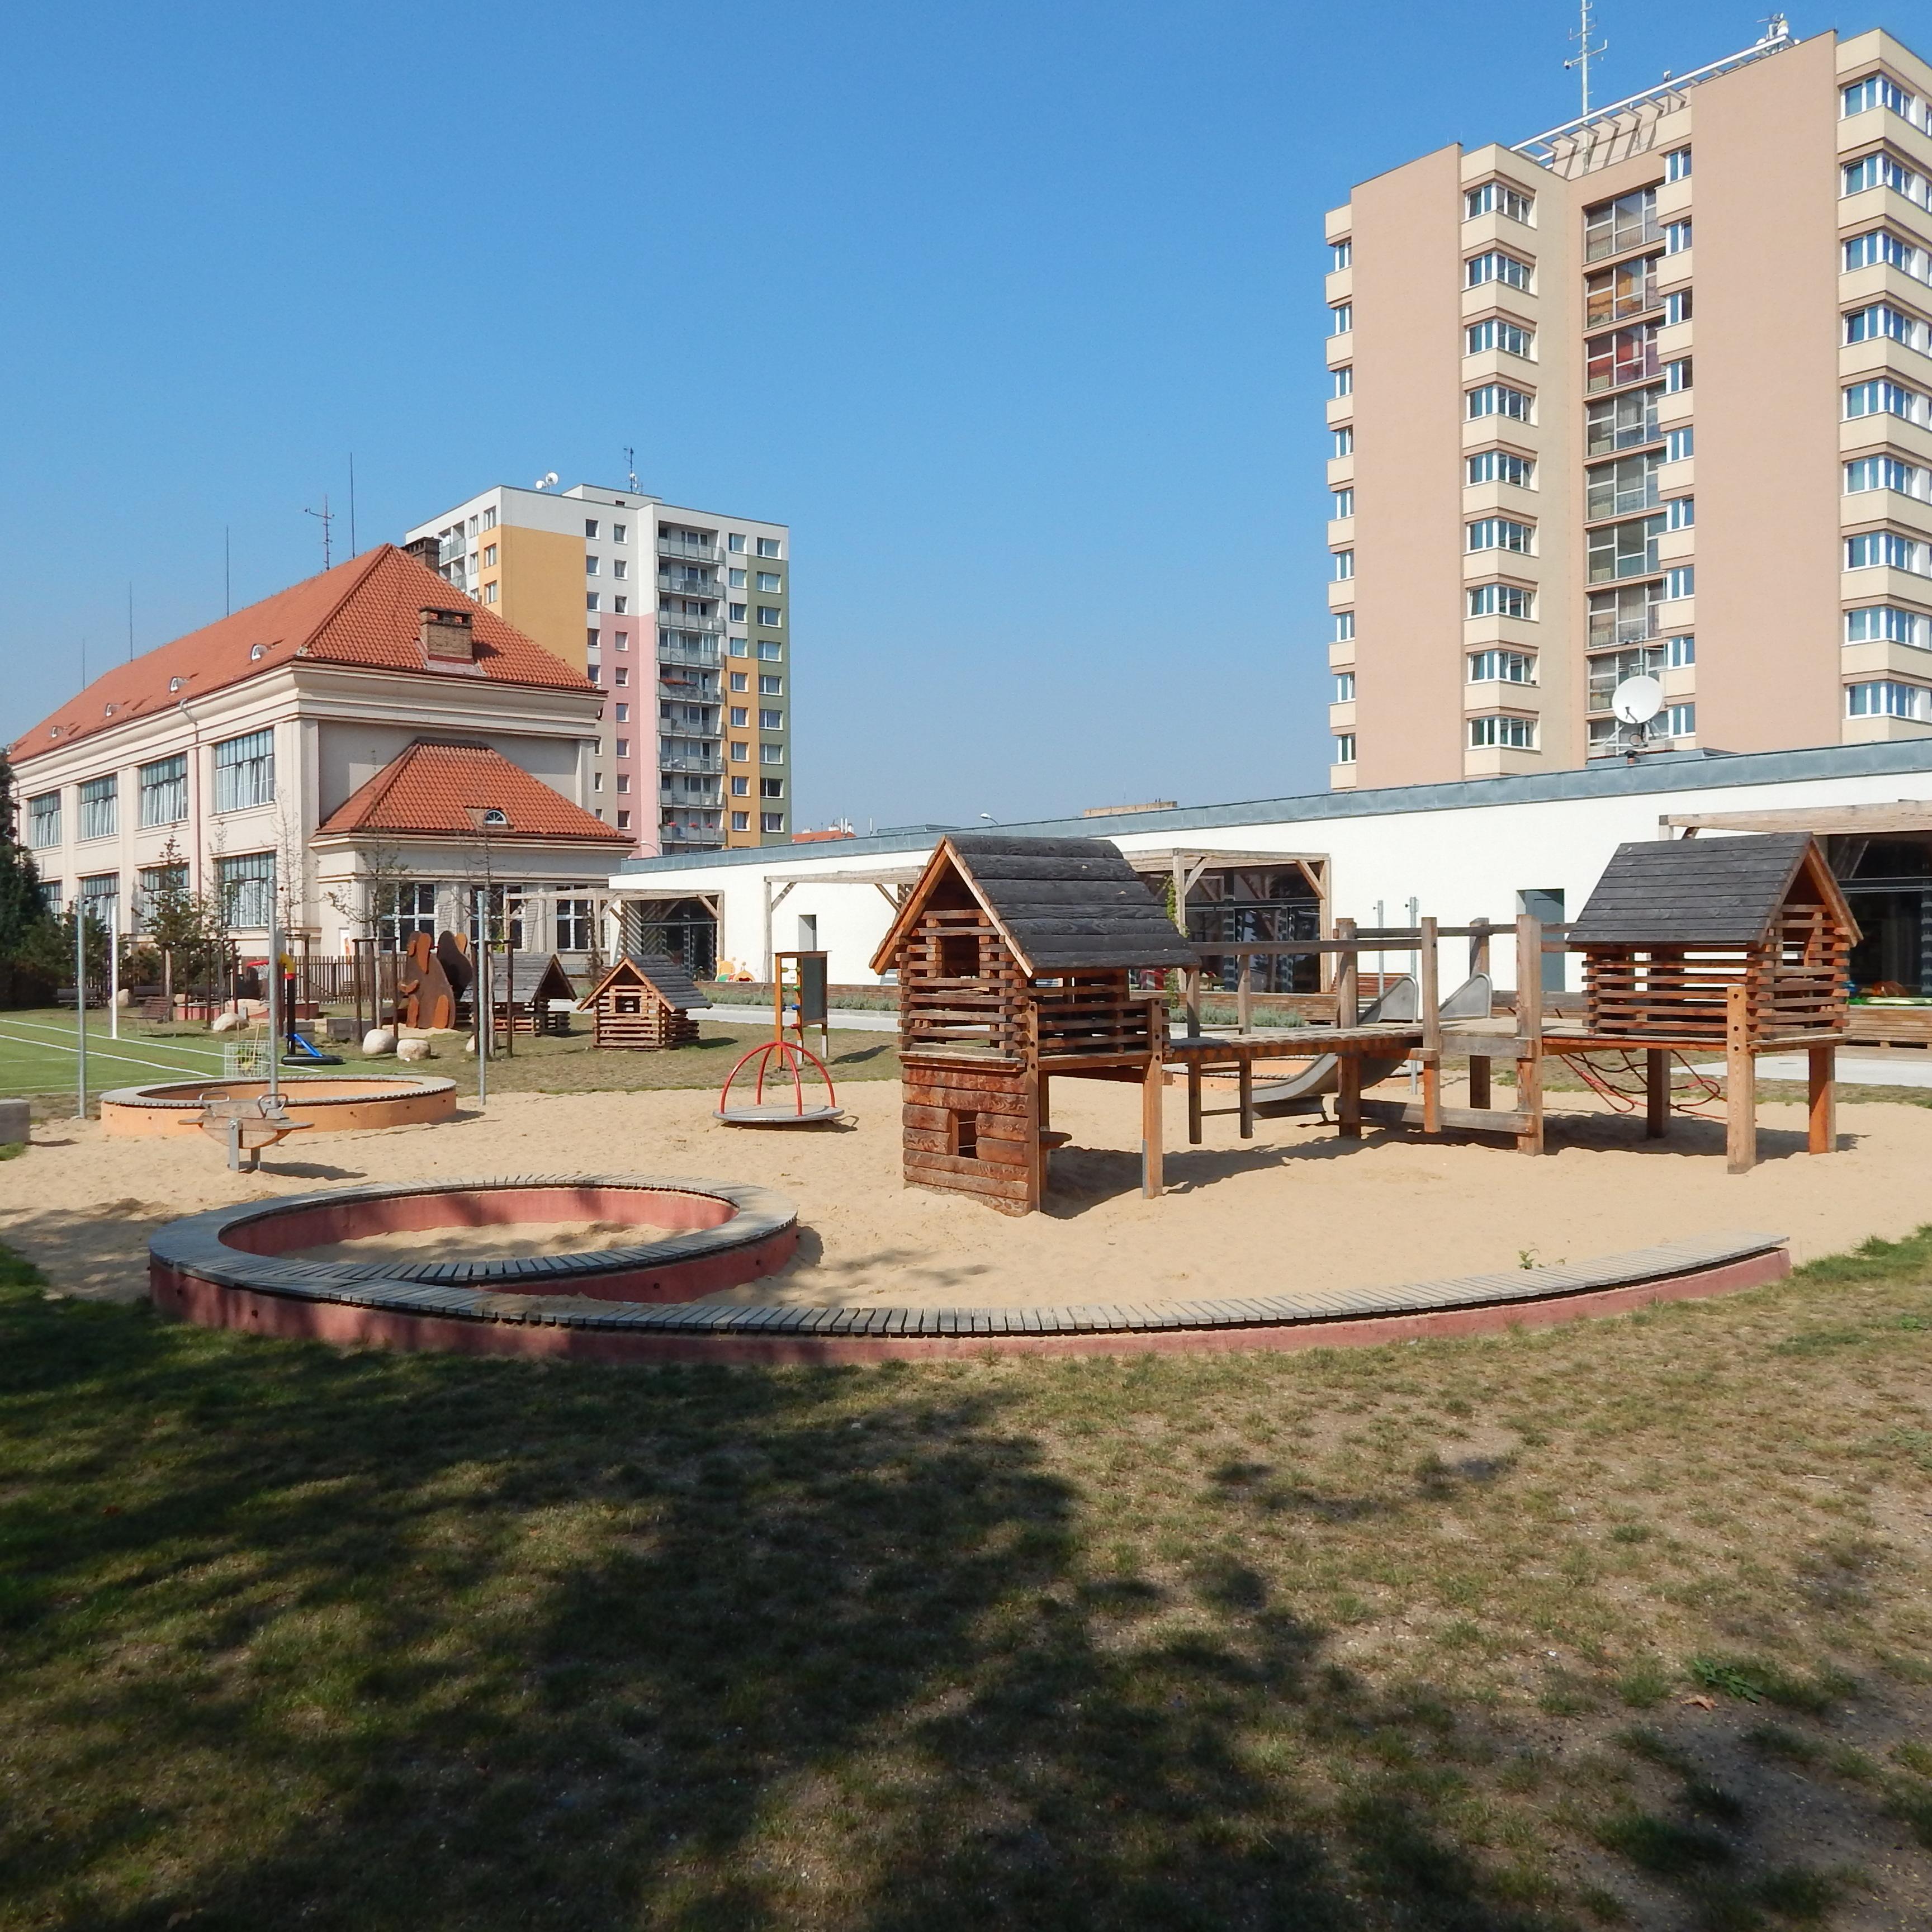 http://skolypraha3.cz/wp-content/uploads/2016/09/ZŠ-A-MŠ-JAROV-5.jpg